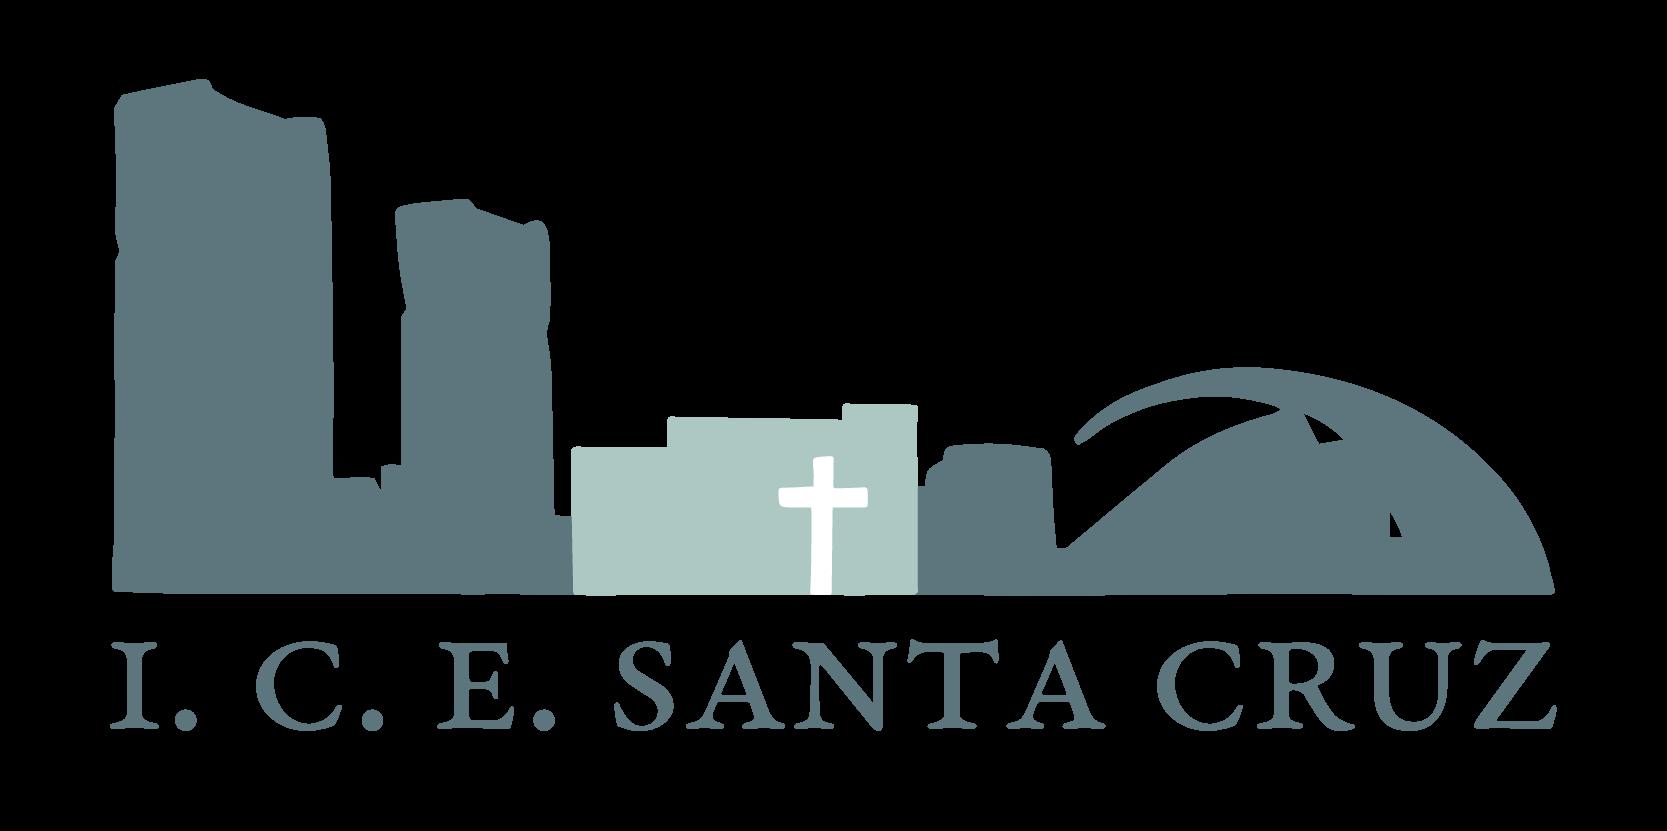 iglesia santa cruz logo